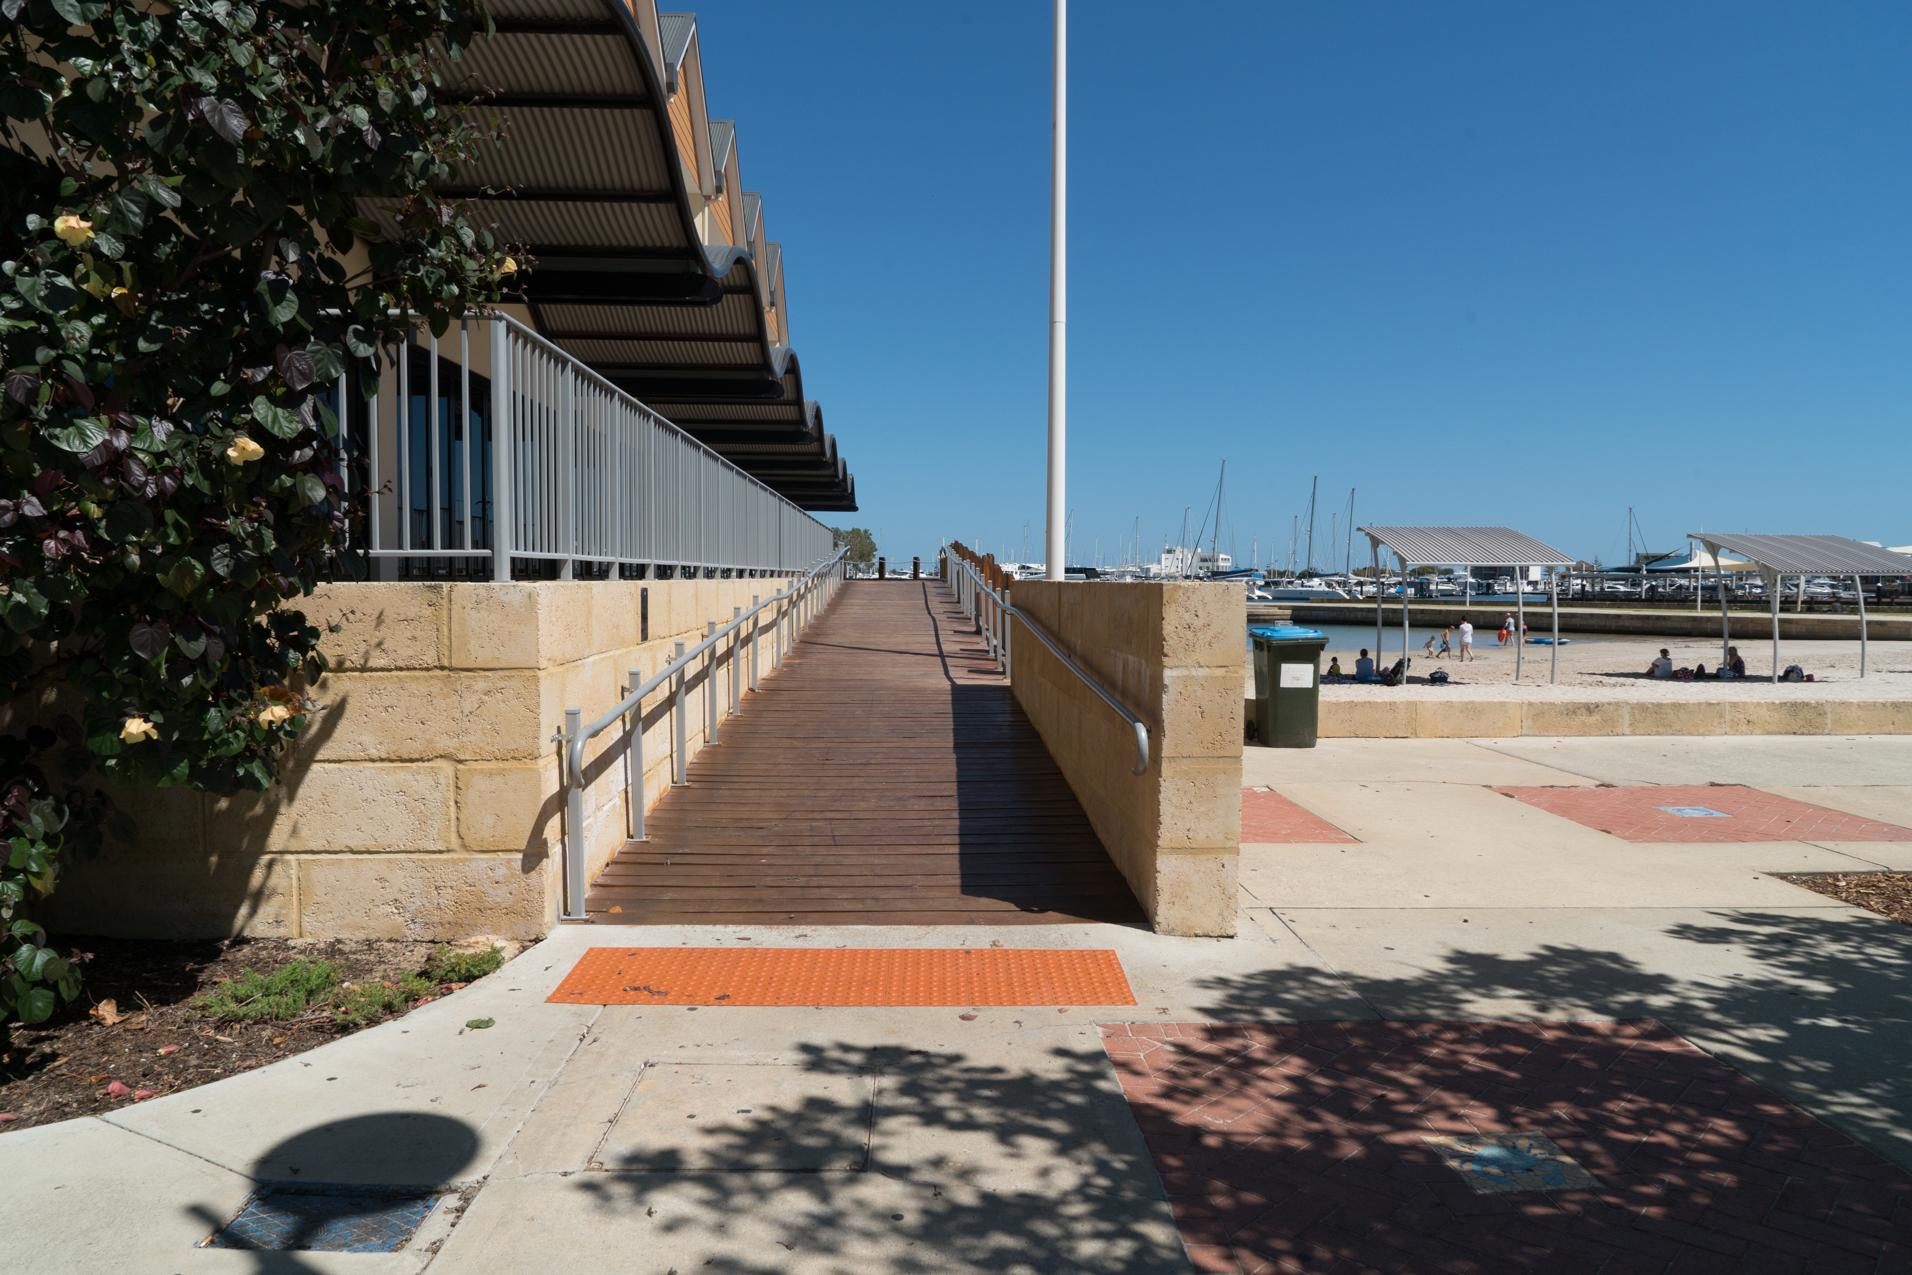 Plate 1: Boardwalk near the start